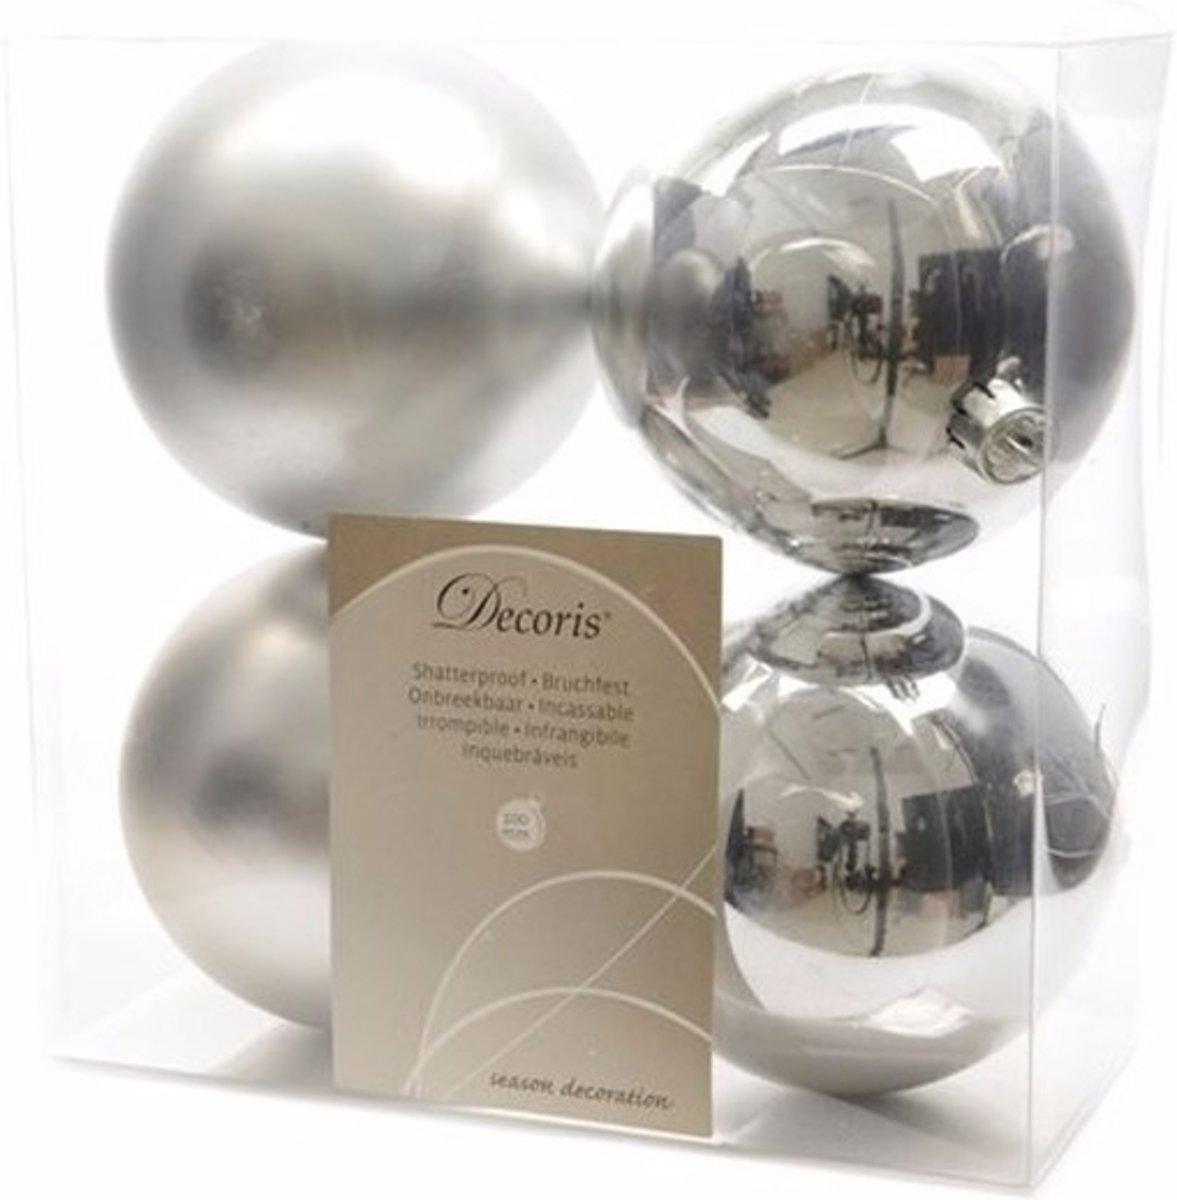 Onbreekbare zilveren kerstballen 10 cm - 8 stuks - kerstversiering kopen